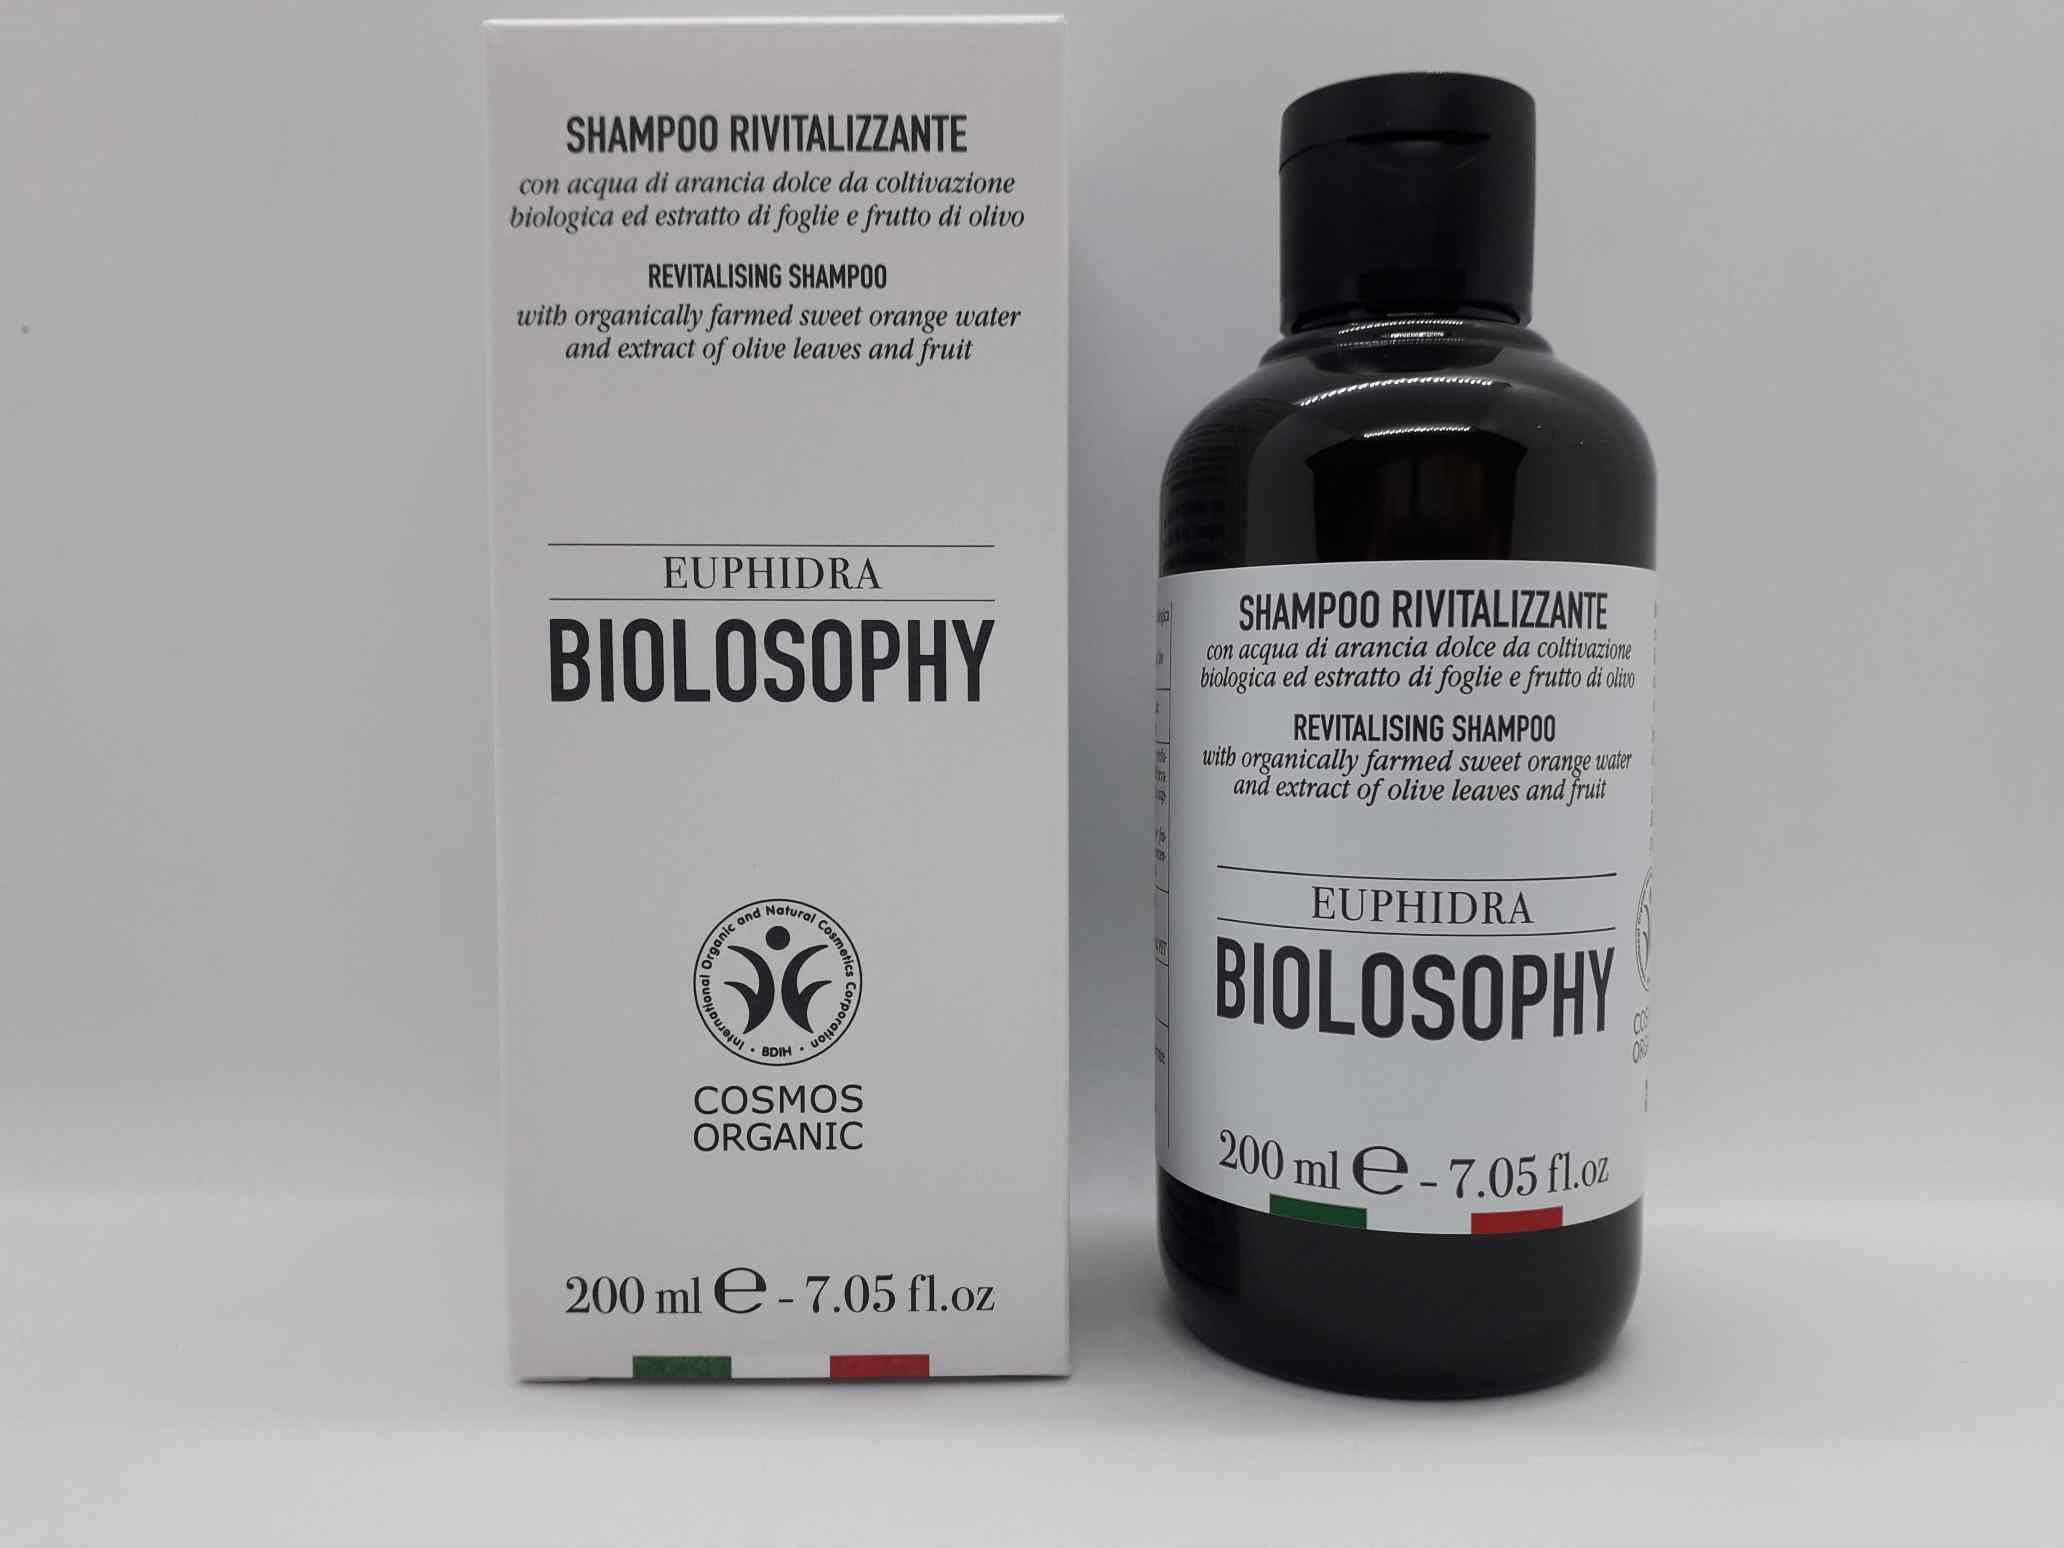 EUPHIDRA BIOLOSOPHY SHAMPOO RIVITALIZZANTE 200 ML - Farmaciaempatica.it